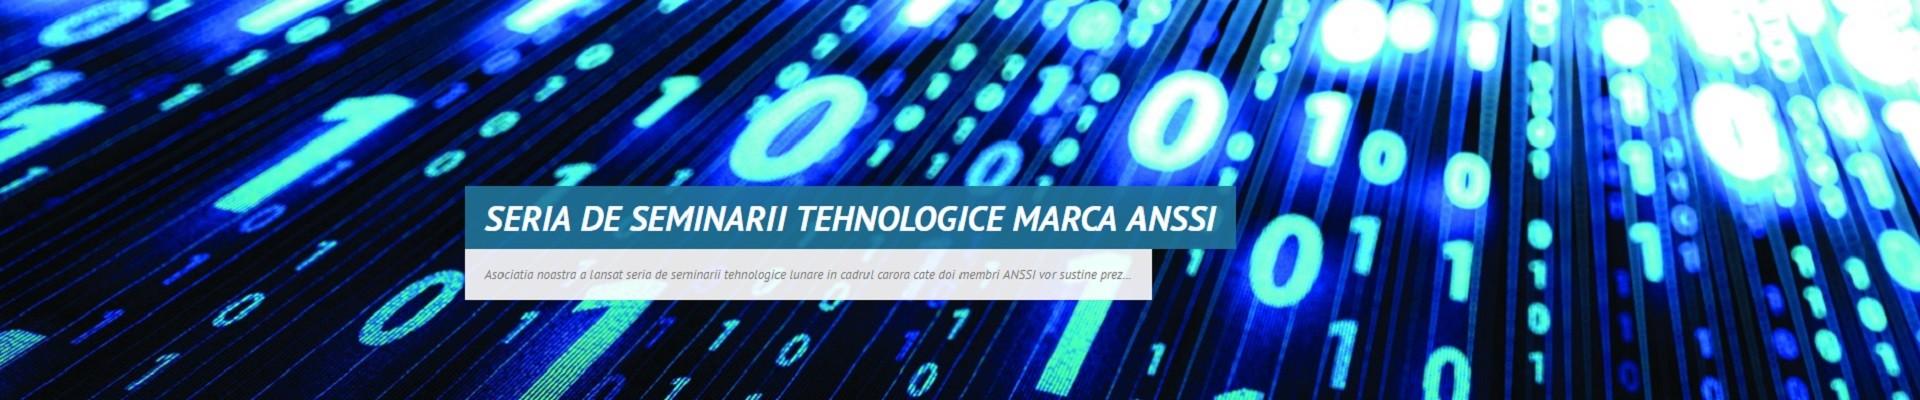 Seria de seminarii tehnologice marca ANSSI